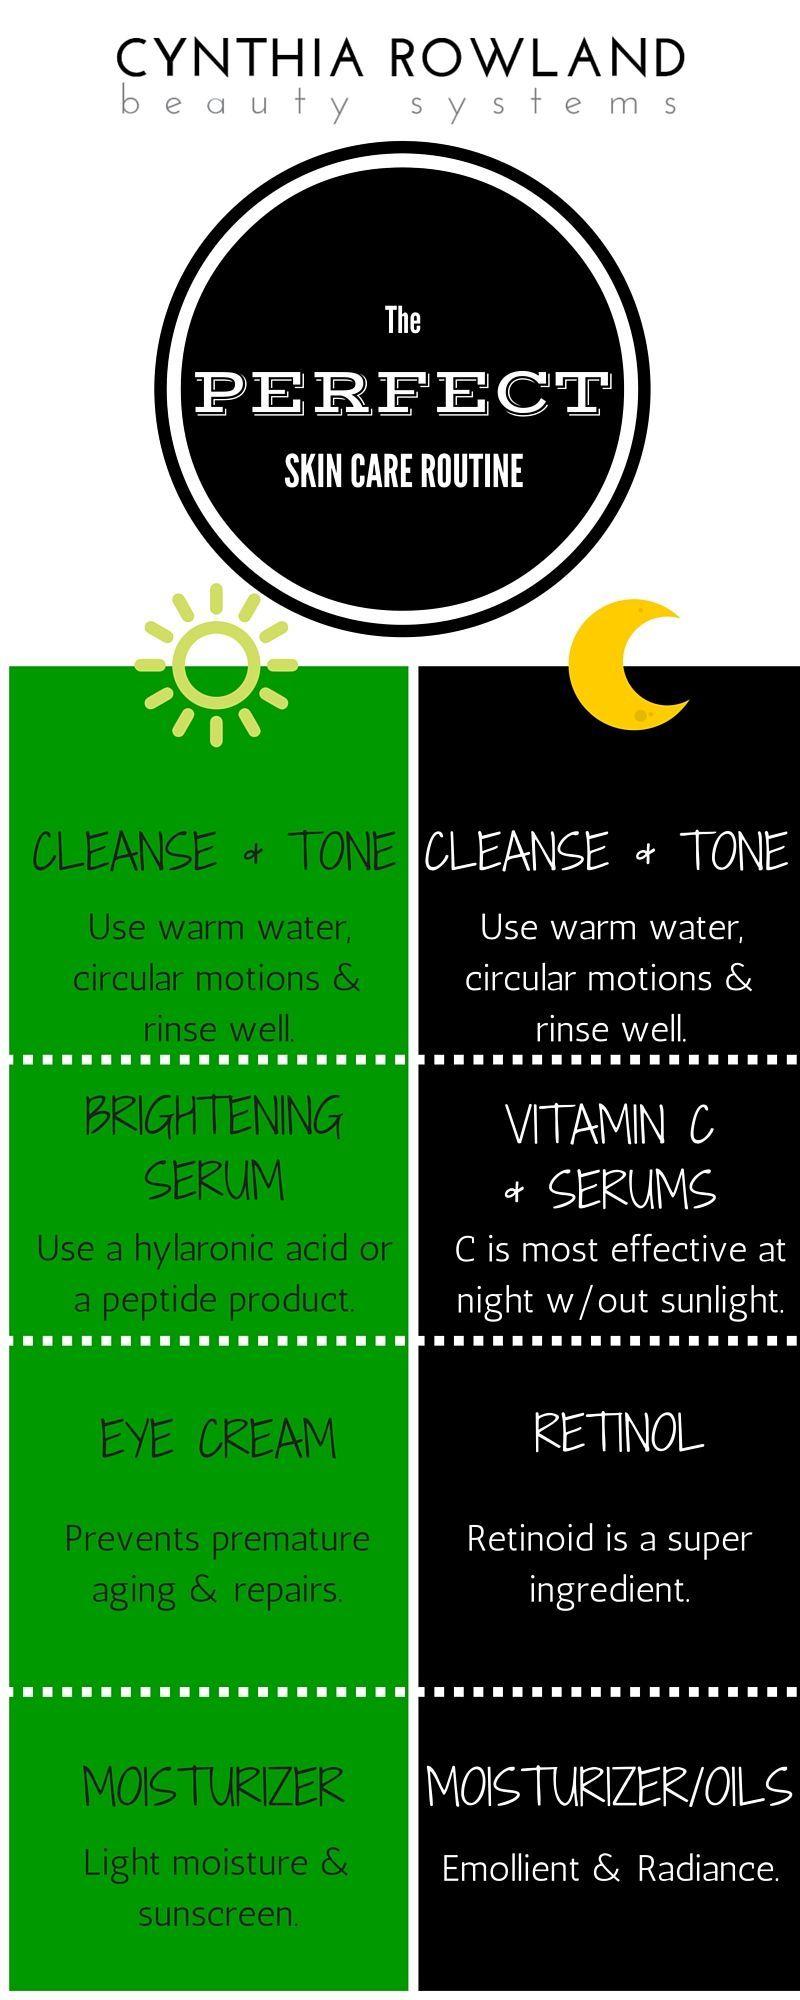 The Perfect Skin Care Routine Day Night By Cynthia Rowland Easy Beauty Consejos Para La Piel Cuidado Natural De La Piel Rutina De Cuidado De La Piel